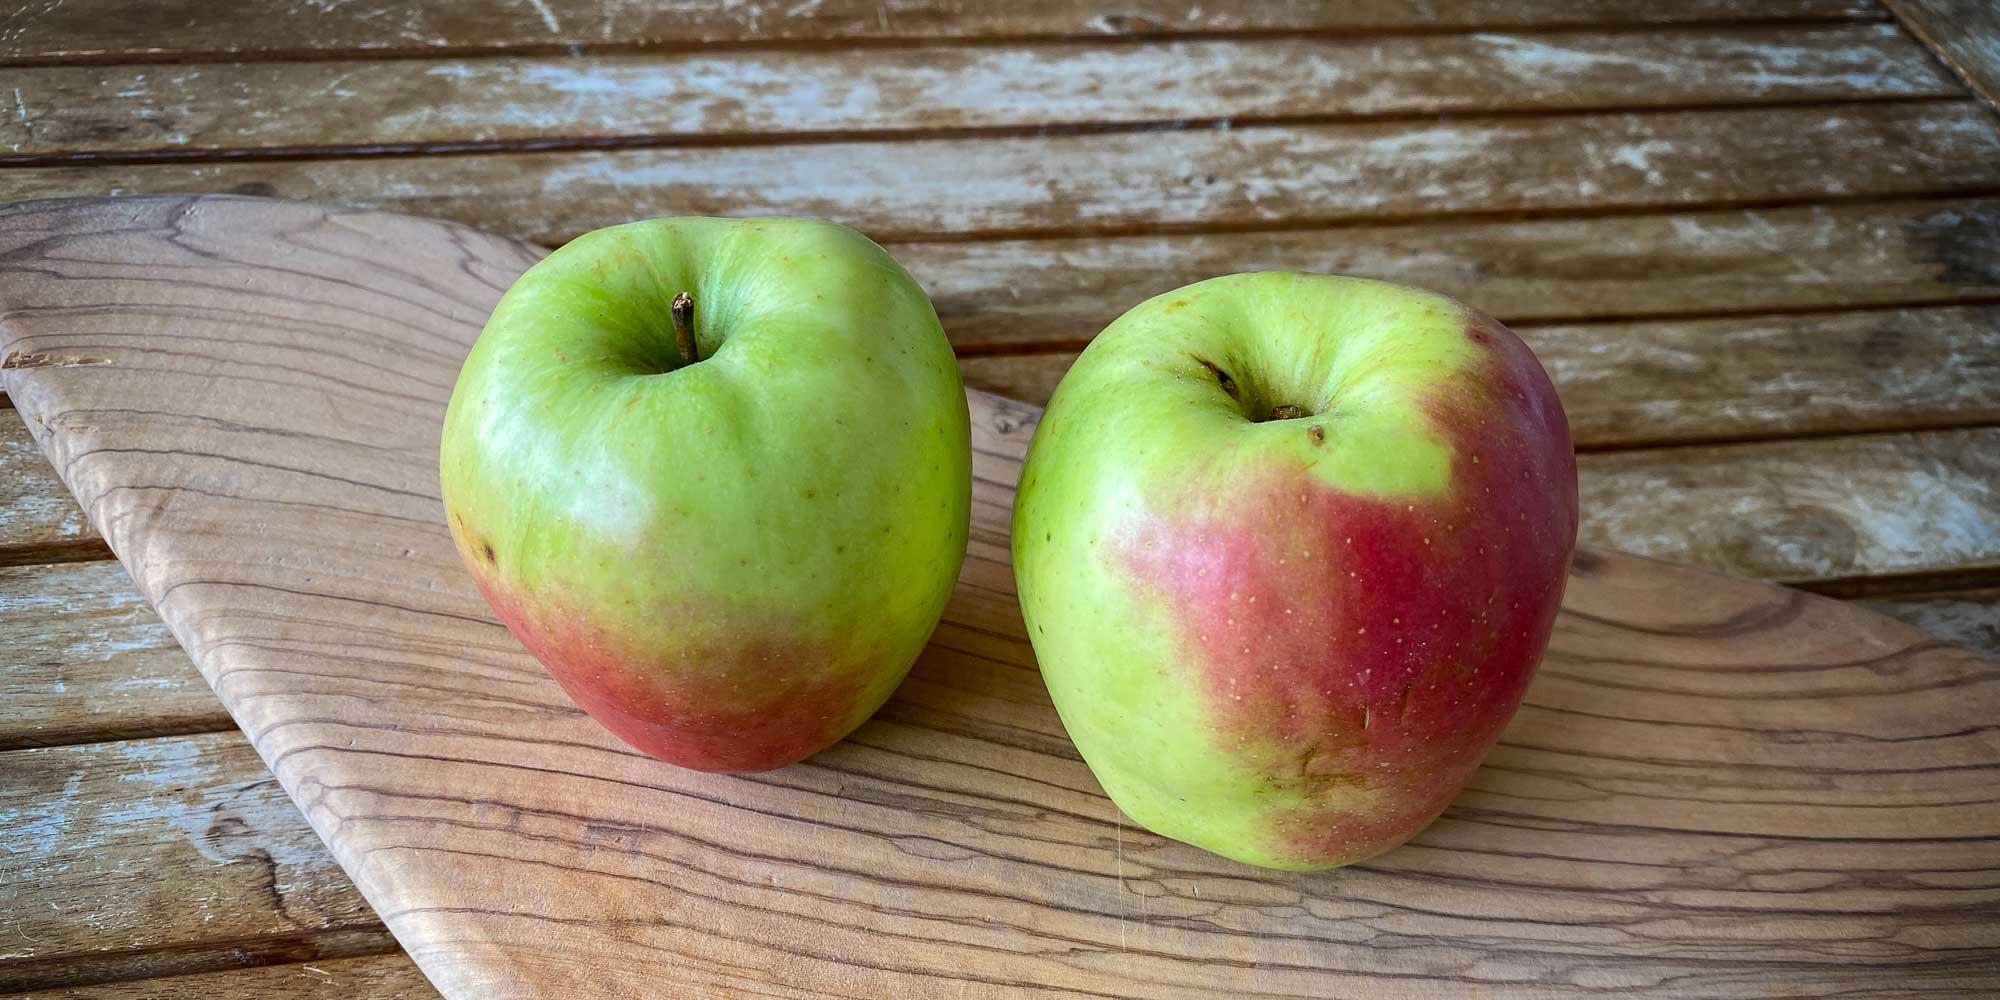 Glockenäpfel sind eine alte und sensationelle Lagersorte.